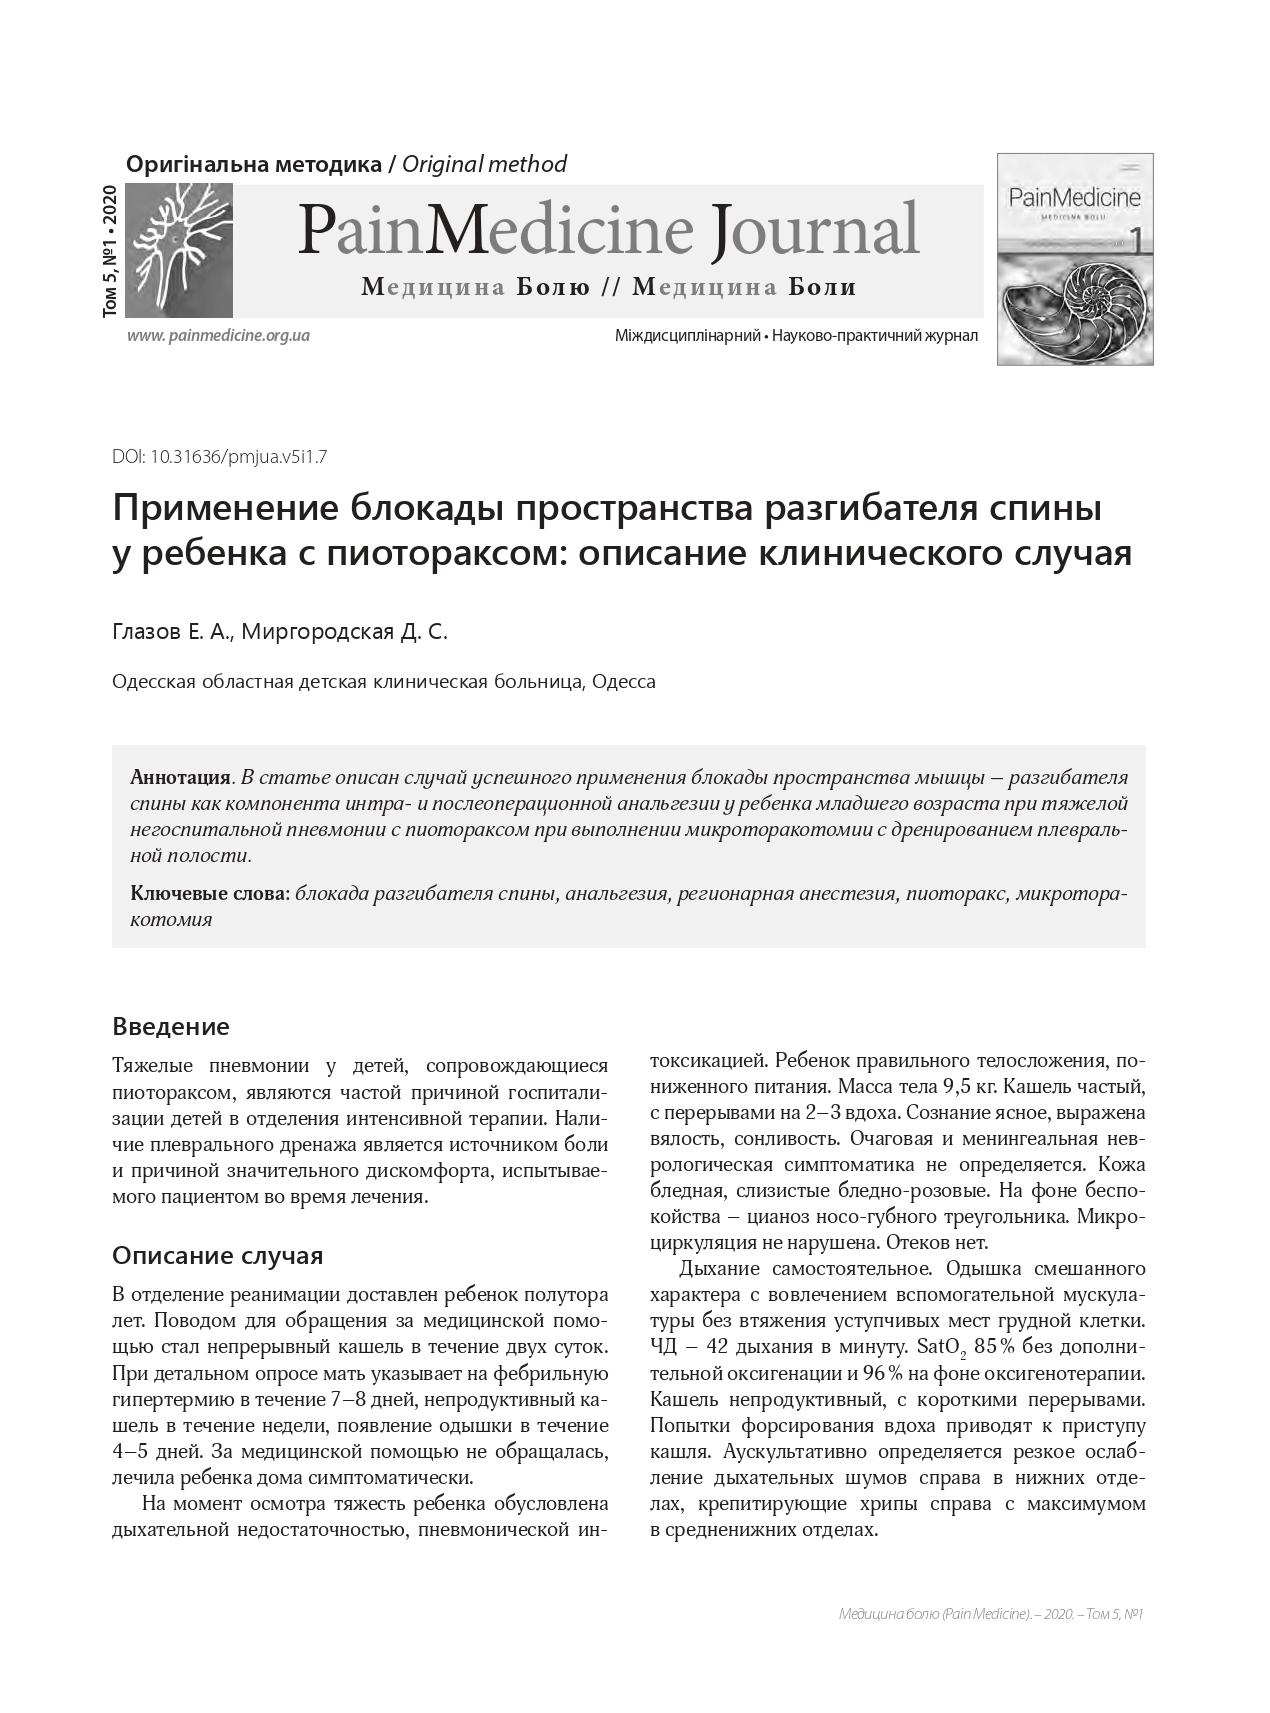 Применение блокады пространства разгибателя спины у ребенка с пиотораксом: описание клинического случая